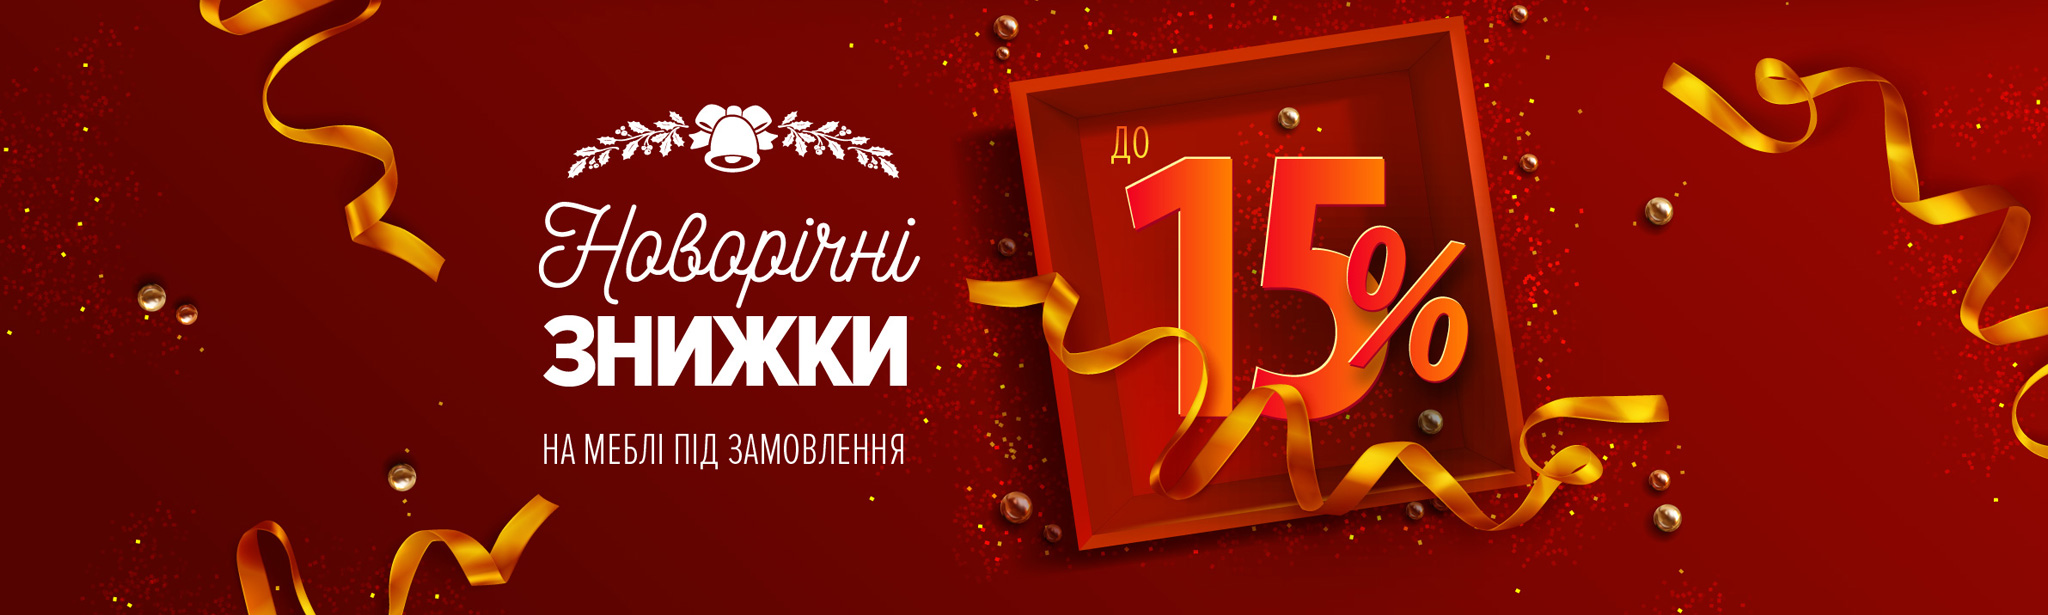 Від Святого Миколая до Різдва ROSHE дарує ЗНИЖКИ до 15% на ВСЕ!